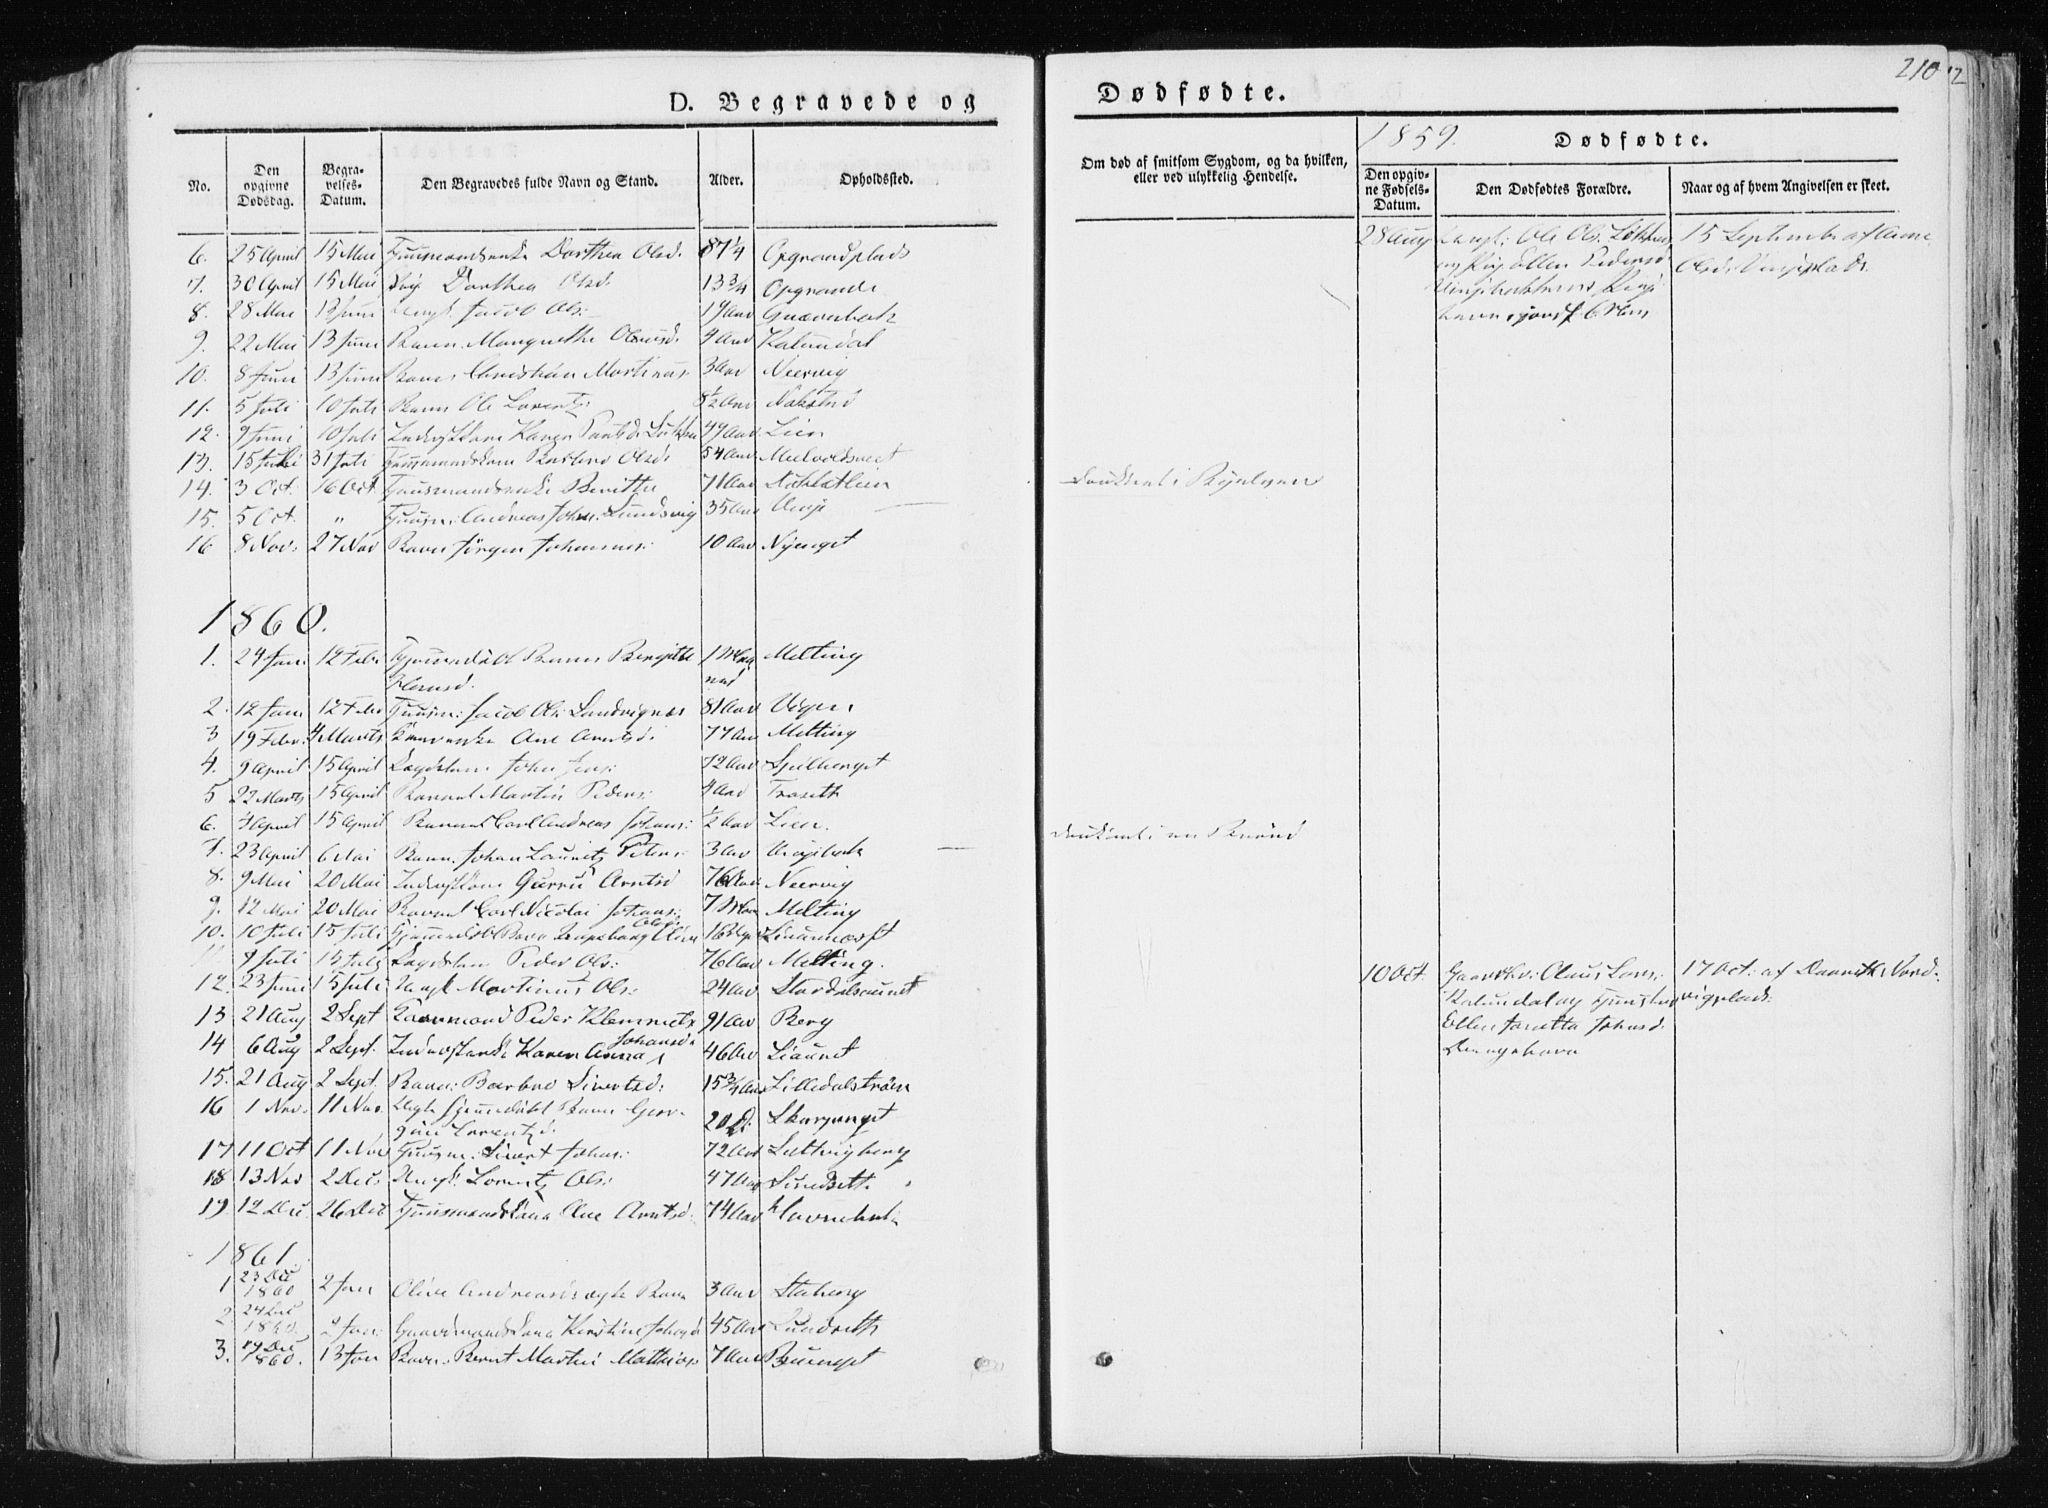 SAT, Ministerialprotokoller, klokkerbøker og fødselsregistre - Nord-Trøndelag, 733/L0323: Ministerialbok nr. 733A02, 1843-1870, s. 210